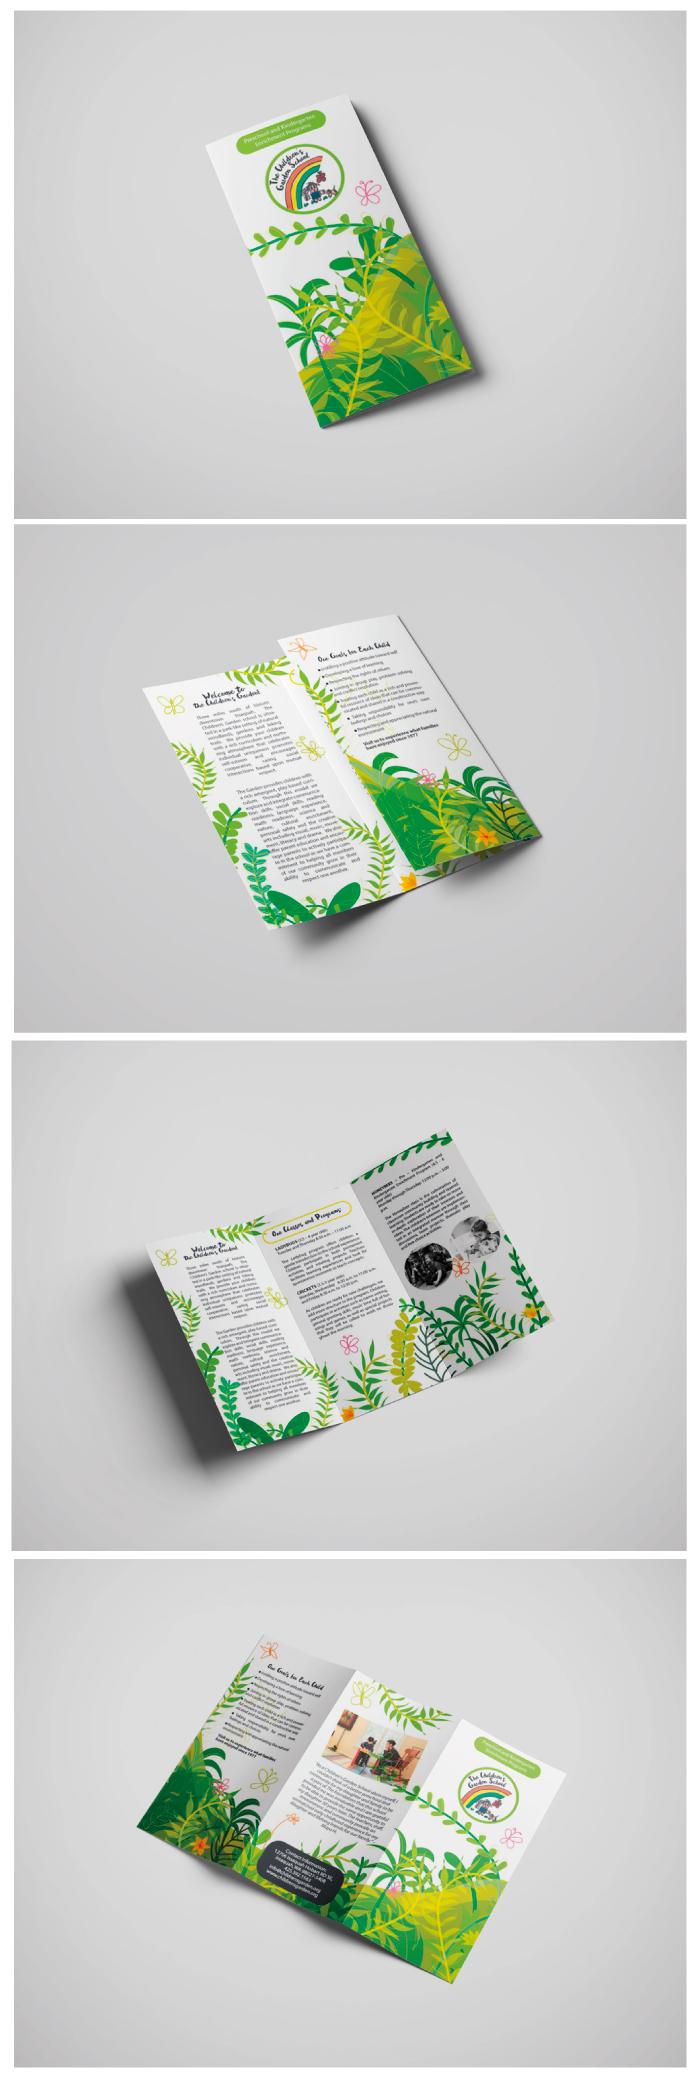 The Children's Garden Brochure, Diana Petrarca, Graphic Design, gardem, bambini, impaginazione, illustrazione, programma, scuola